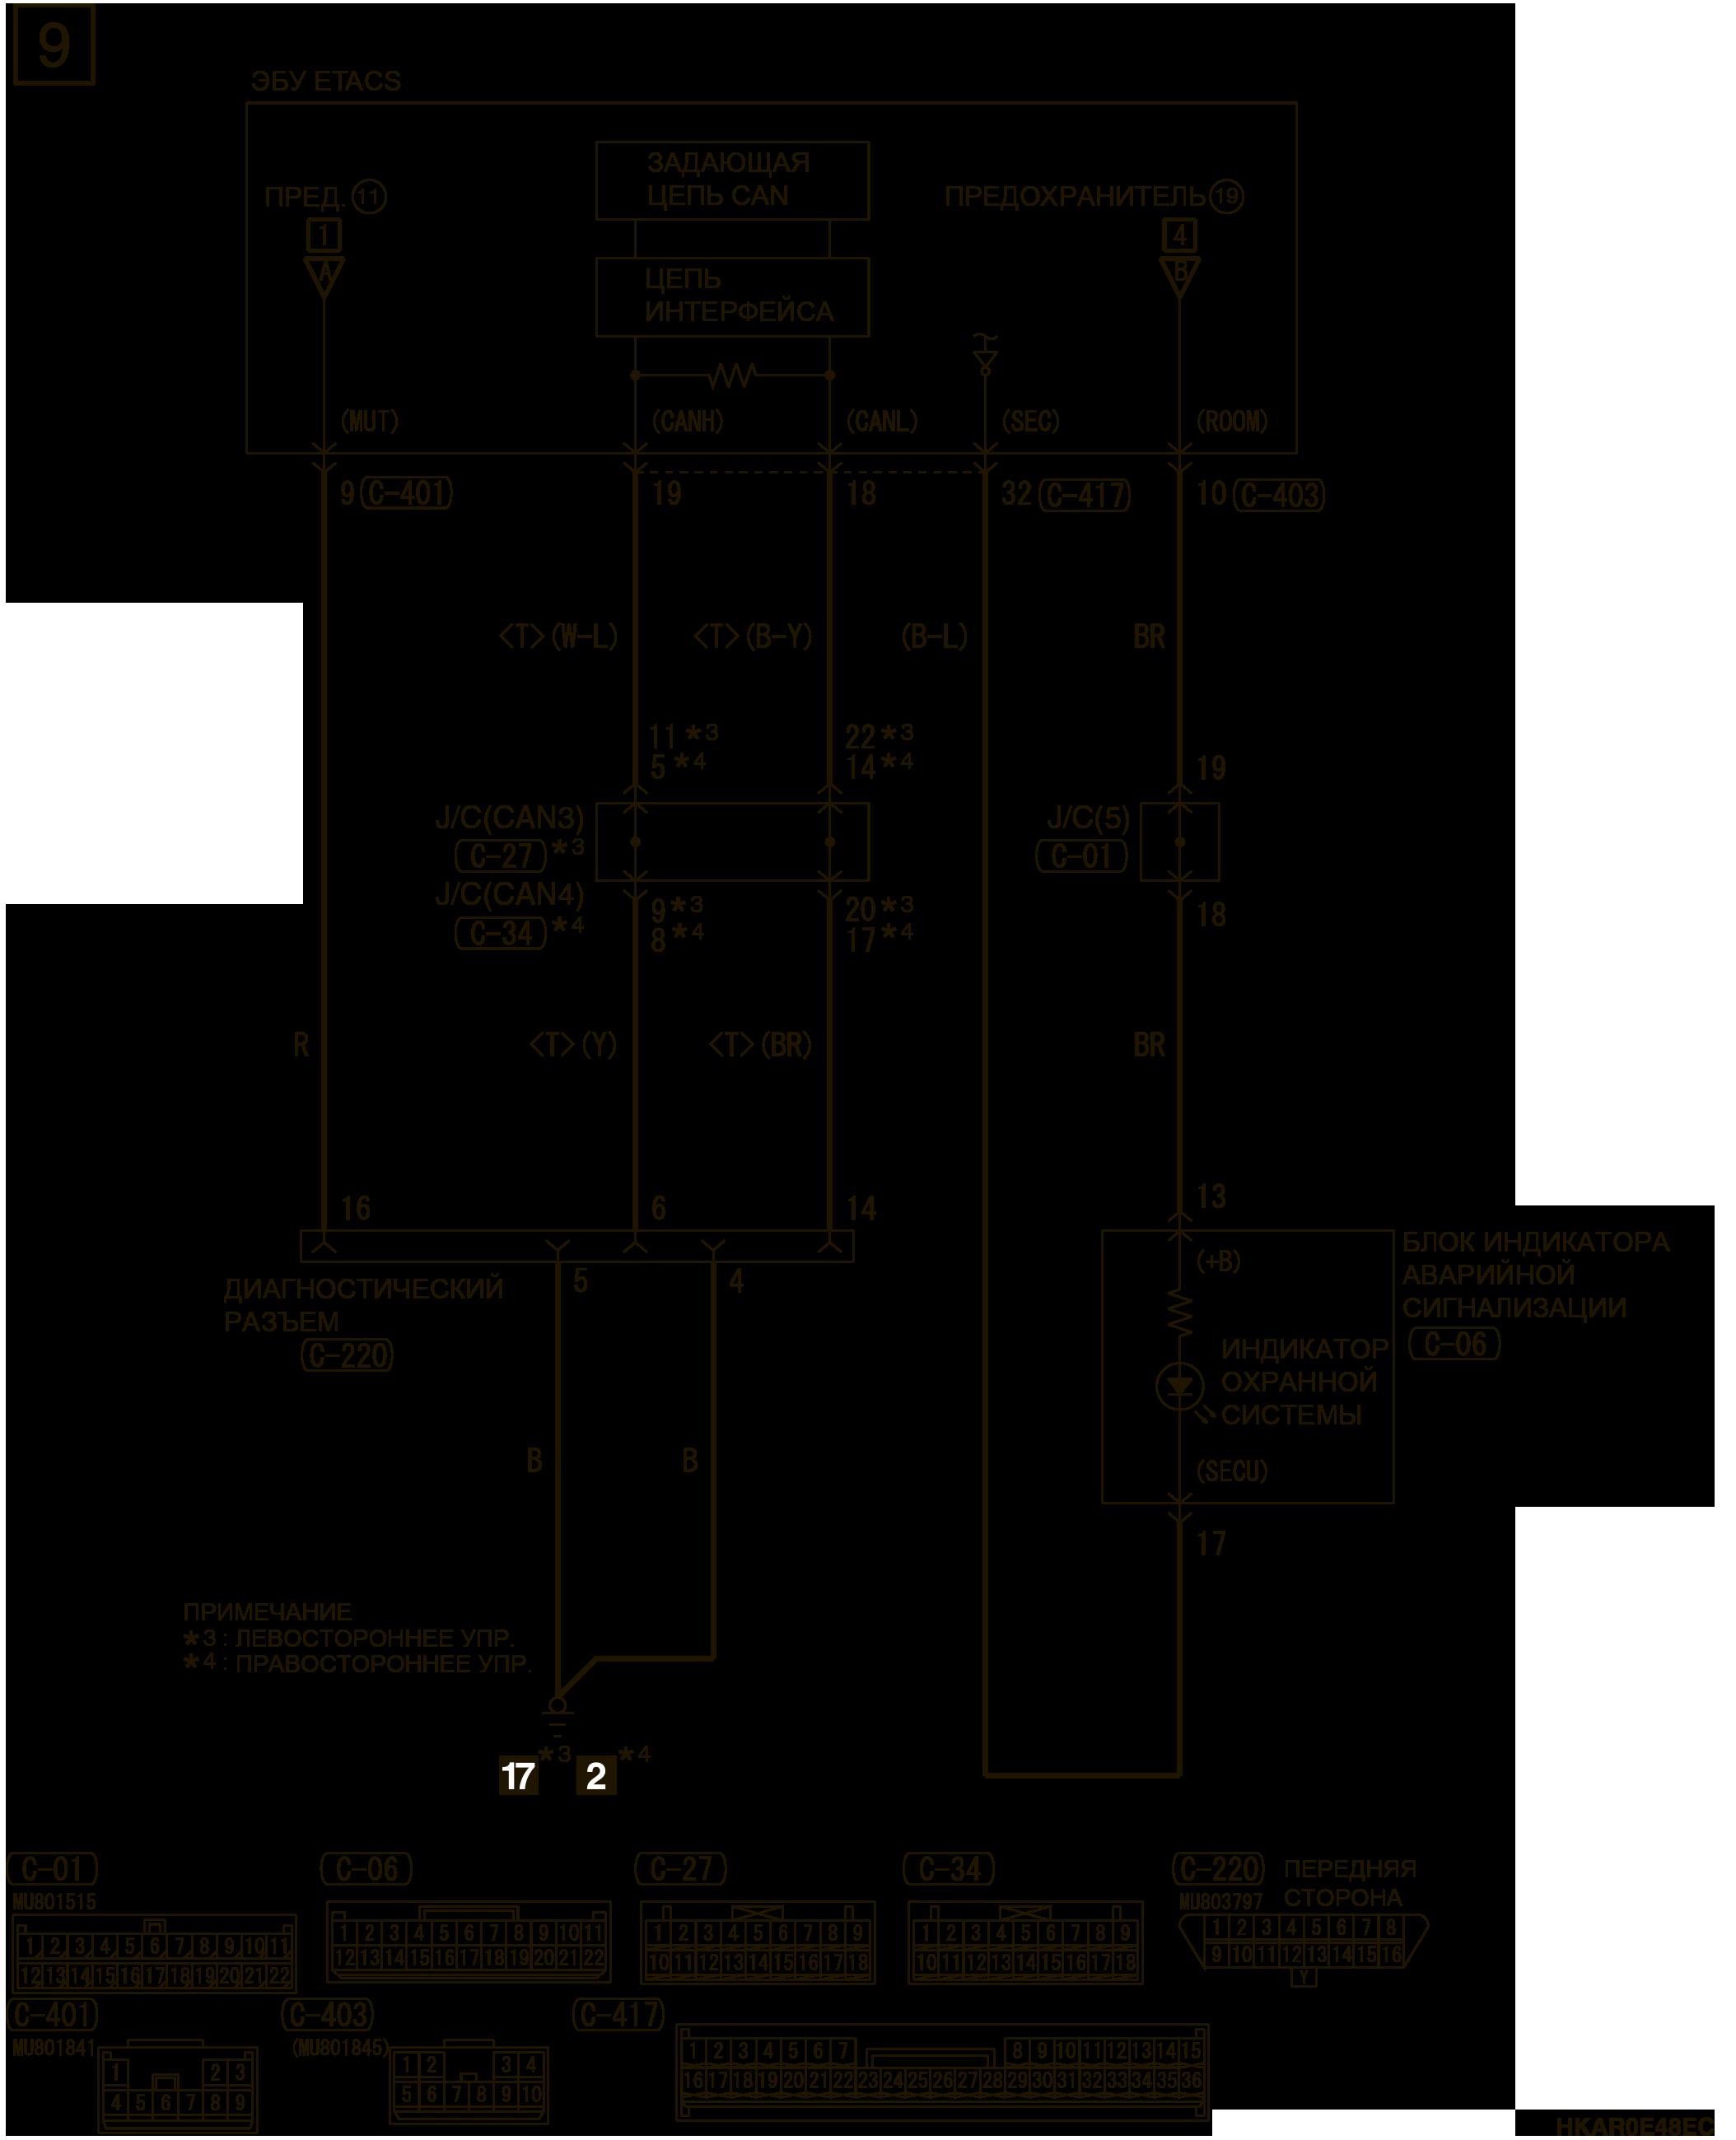 mmc аутлендер 3 2019 электросхемаОХРАННАЯ СИГНАЛИЗАЦИЯ АВТОМОБИЛИ С ДАТЧИКОМ ОХРАННОЙ СИГНАЛИЗАЦИИ